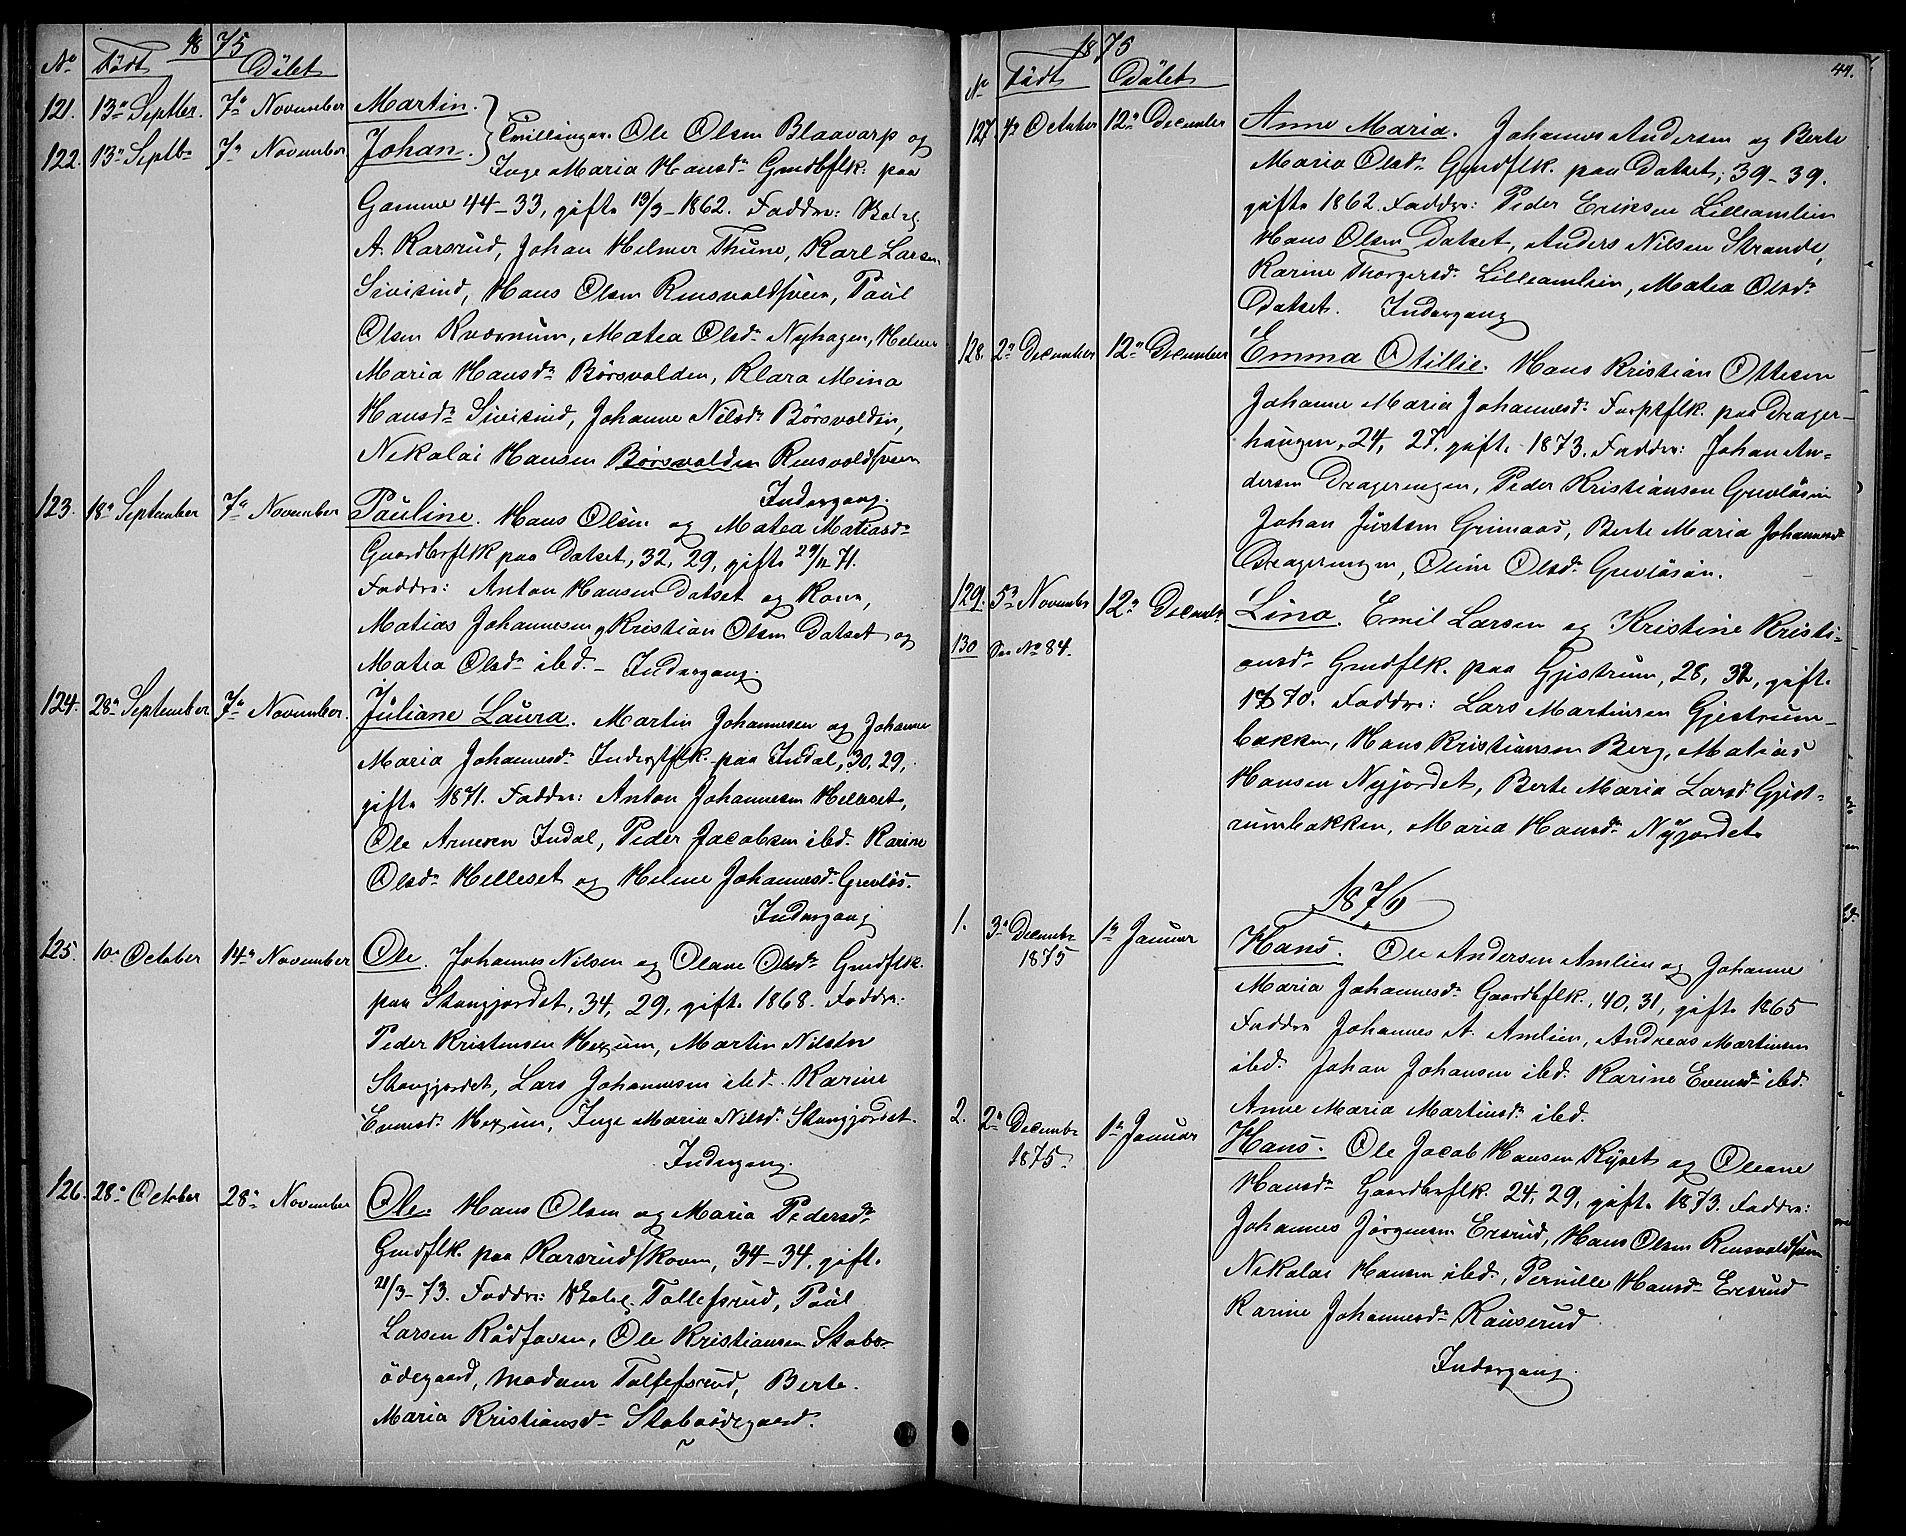 SAH, Vestre Toten prestekontor, H/Ha/Hab/L0006: Klokkerbok nr. 6, 1870-1887, s. 44